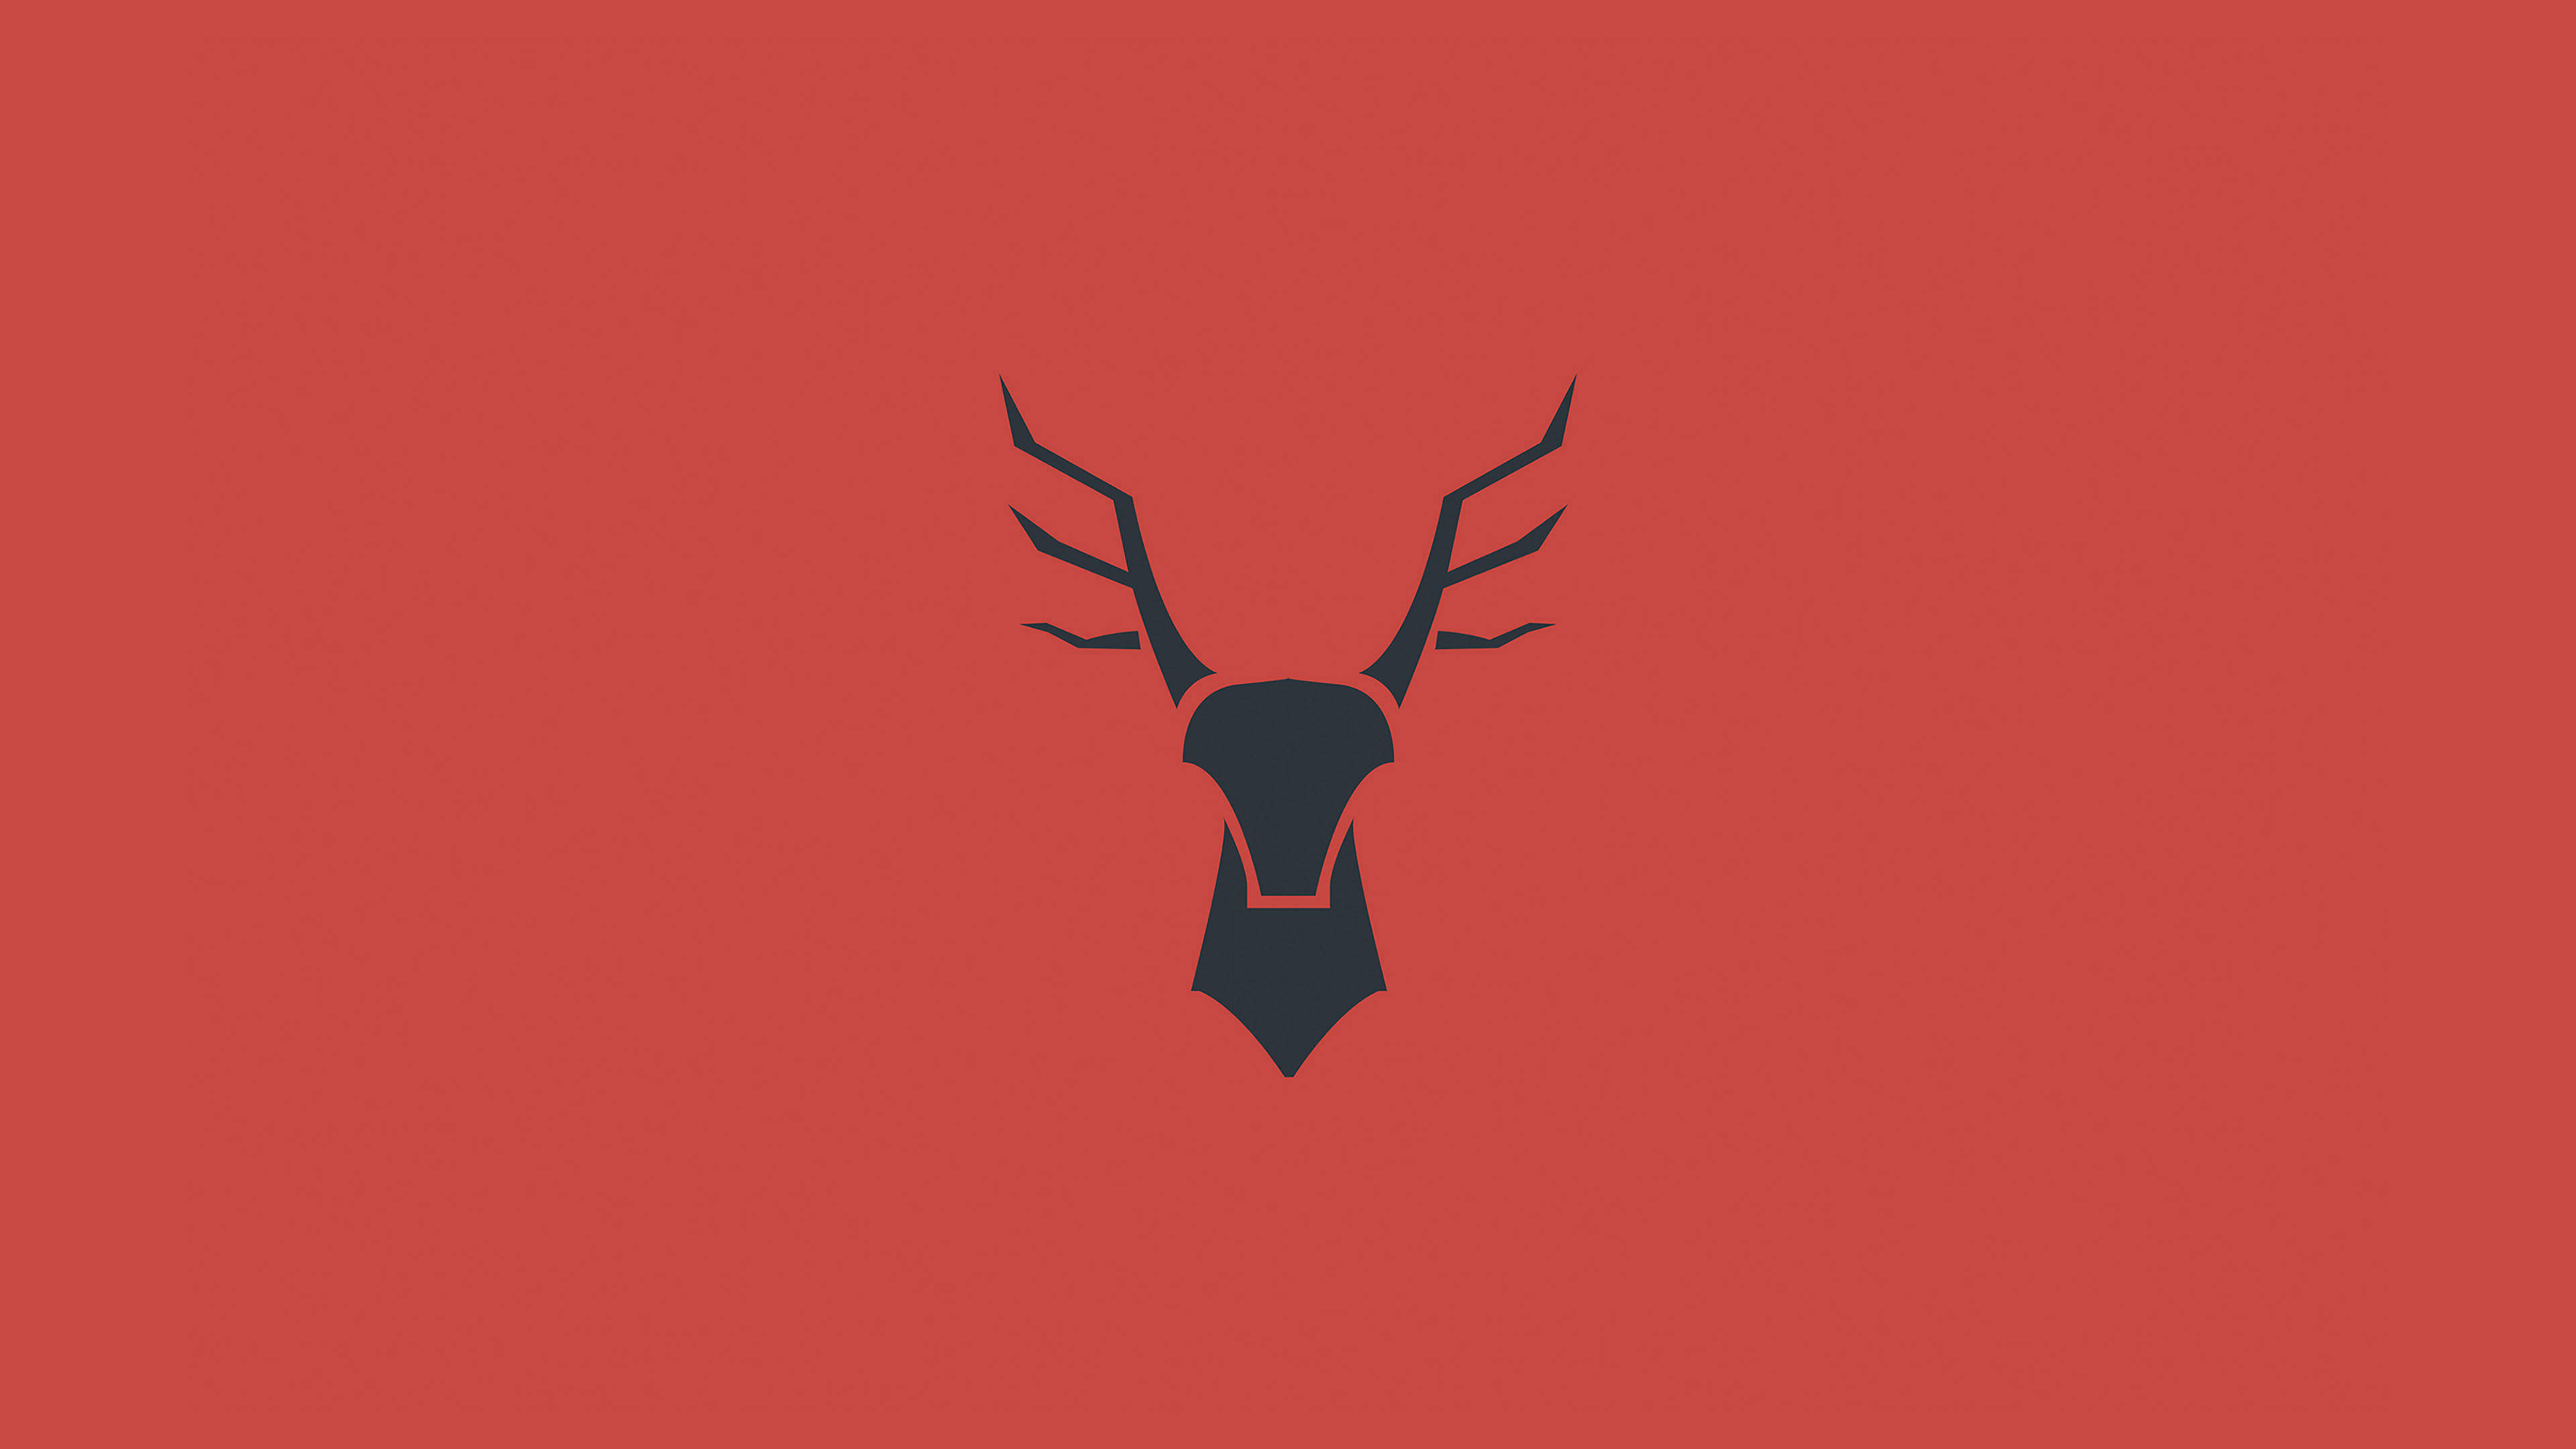 I love papers af03 rudolf logo art minimal illust for Minimal art logo